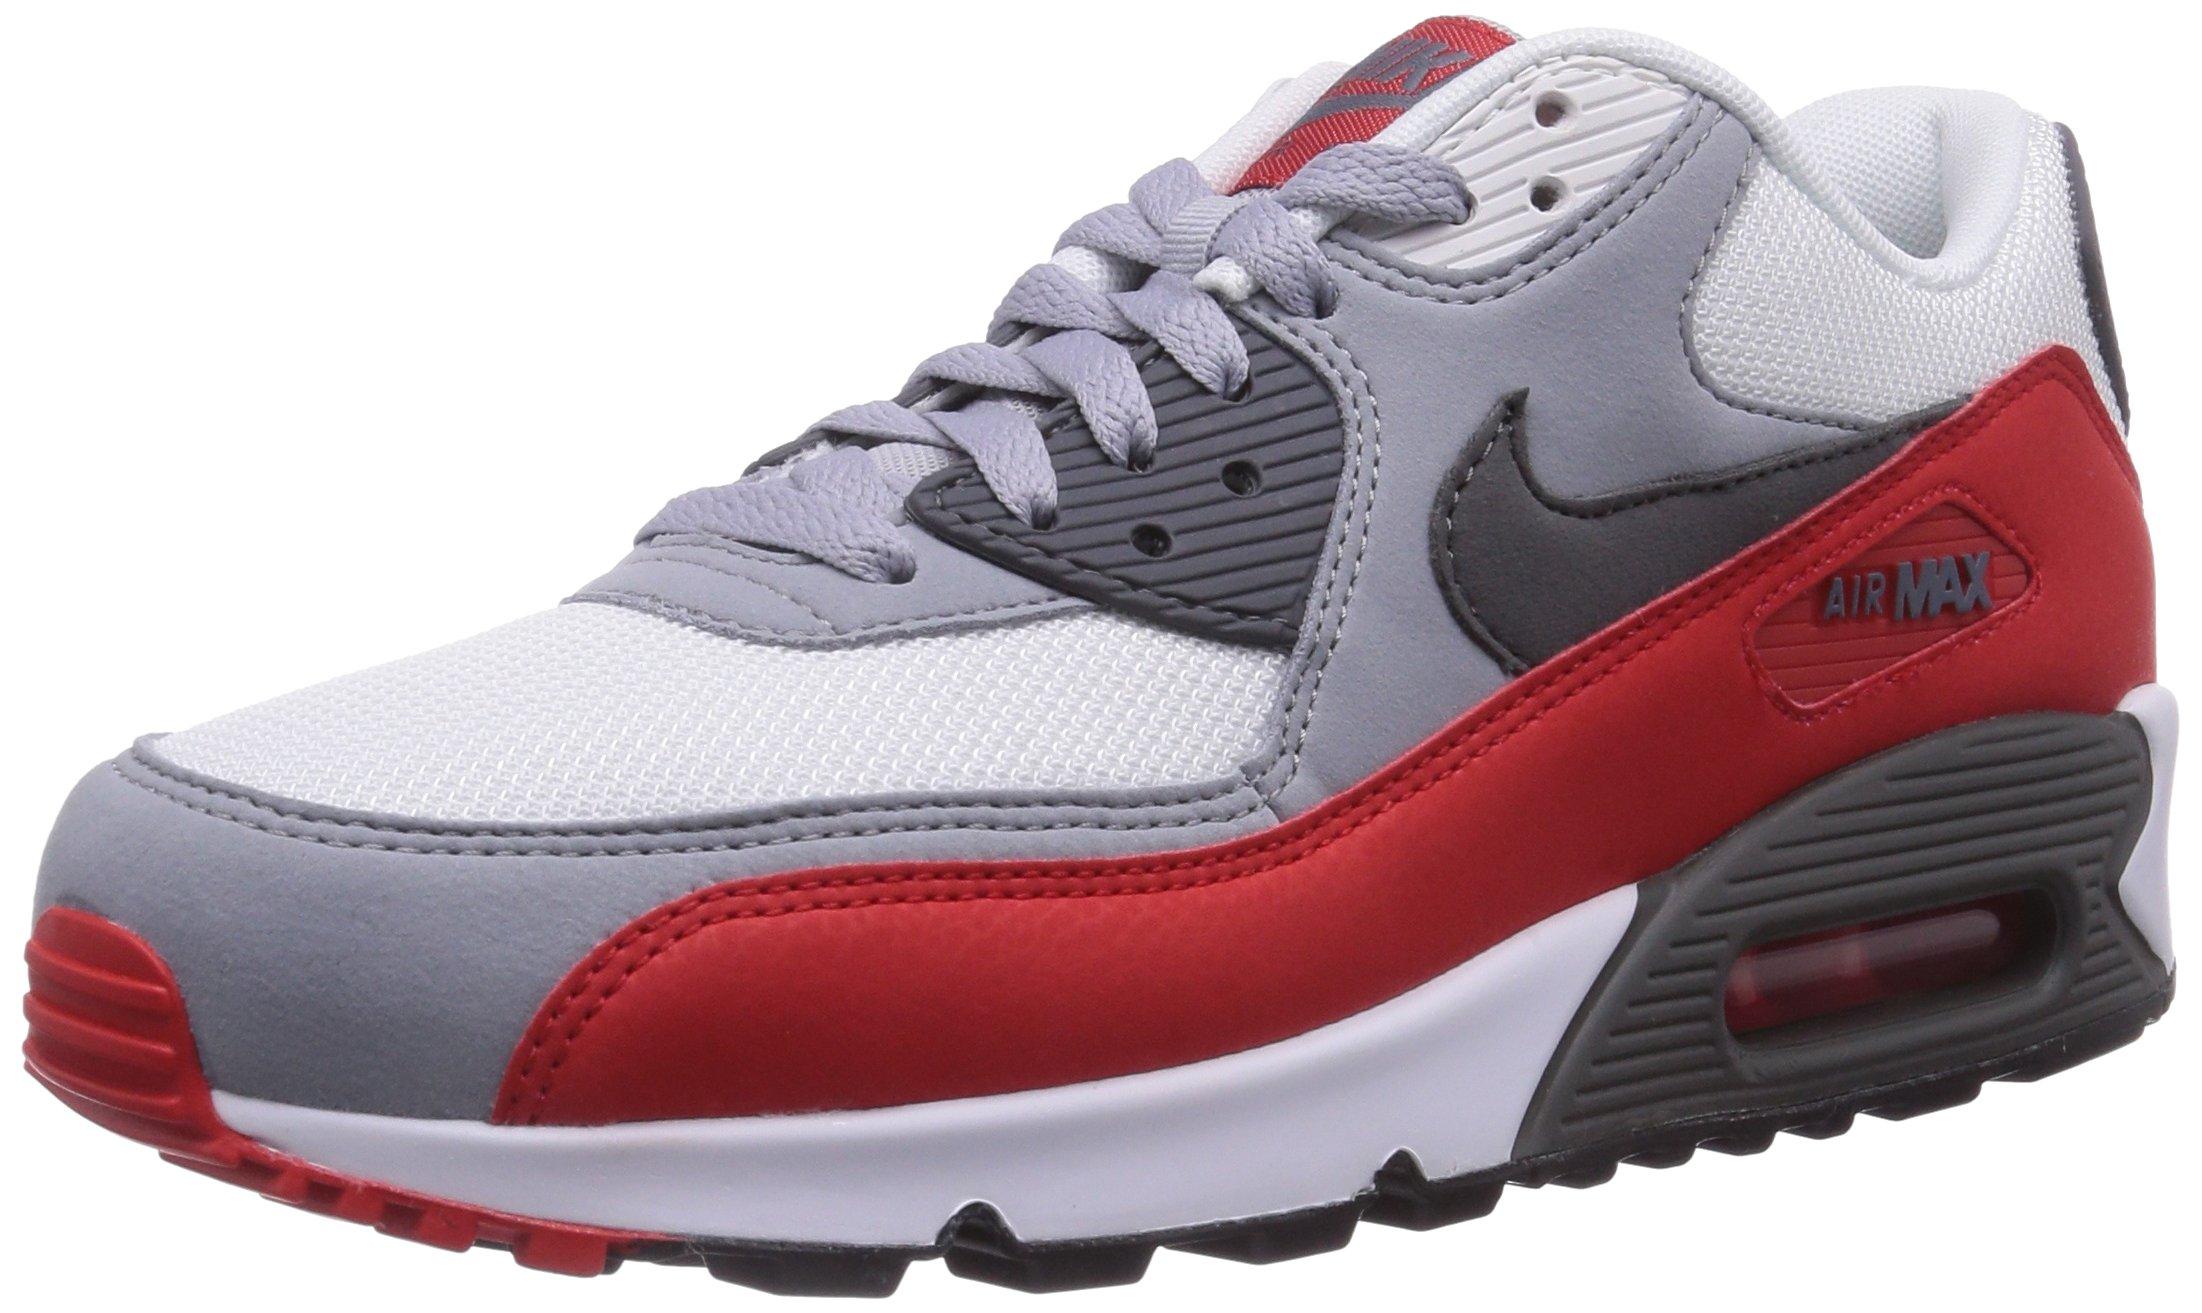 Red39 Grey challenge Mode Eu HommeMulticolorewolf Air 90 EssentialBaskets Dark Nike Max vNnmO80w